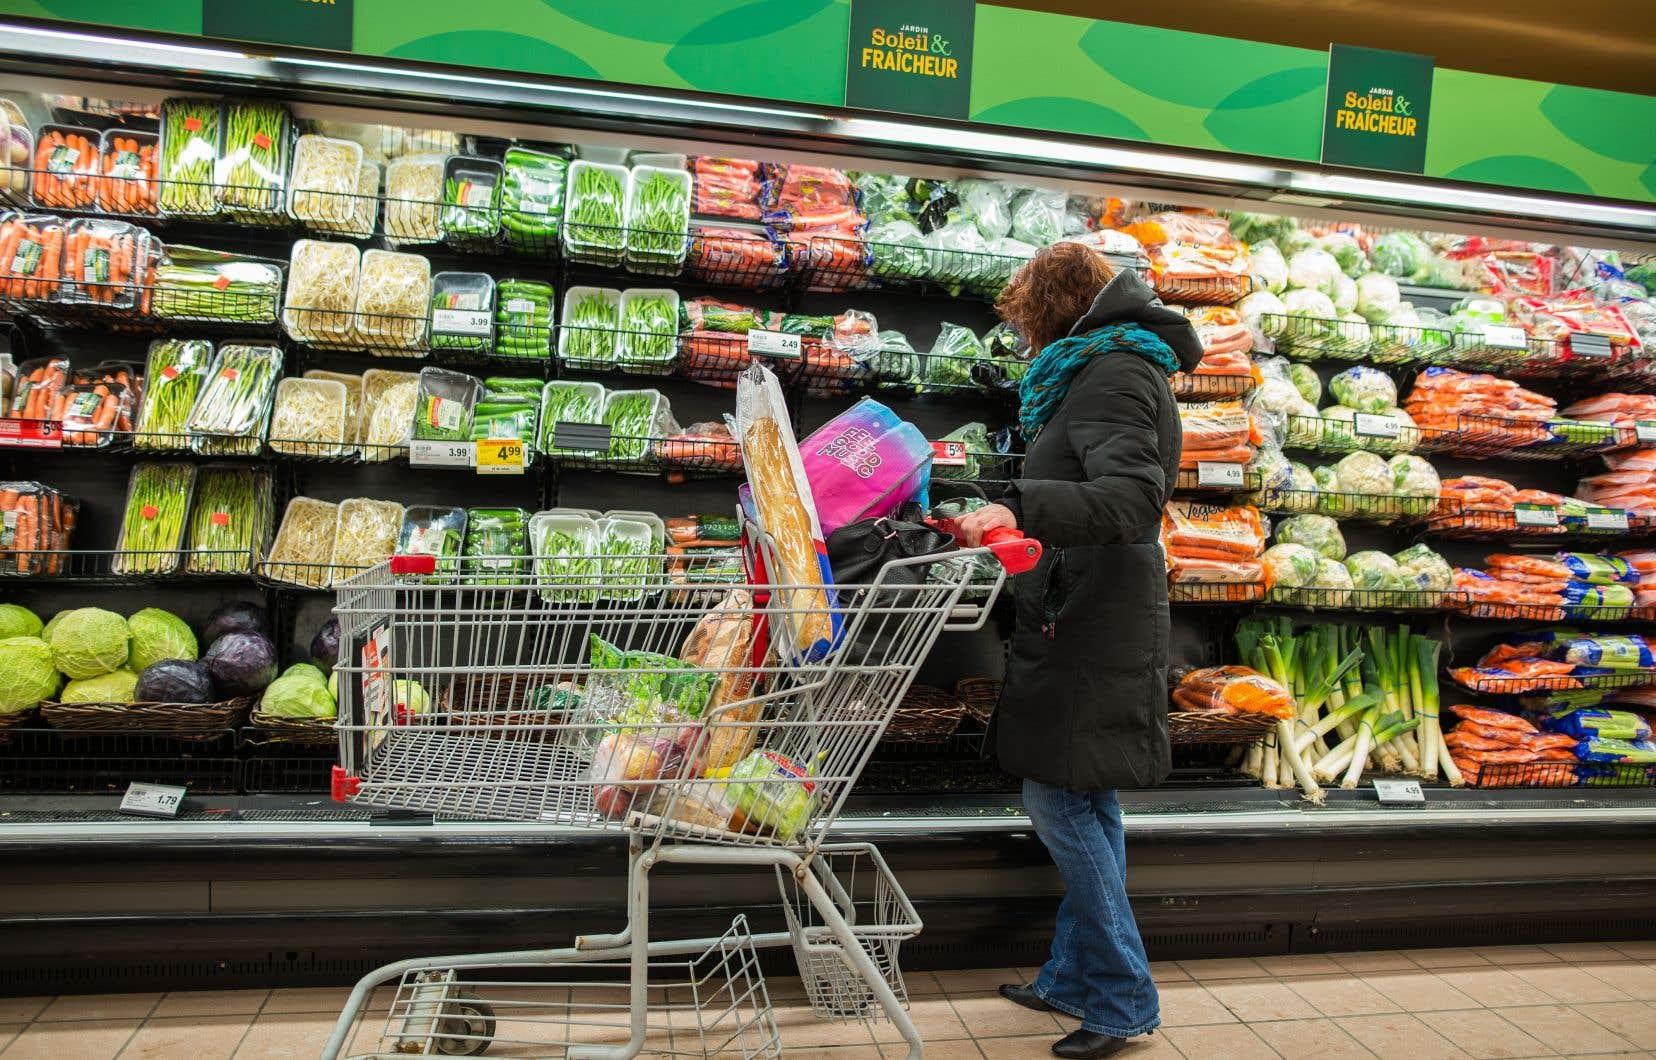 Les prix plus élevés des aliments, de 3,5%, et des transports, de 3,1%, ont particulièrement contribué à la croissance accrue de l'indice des prix d'ensemble.